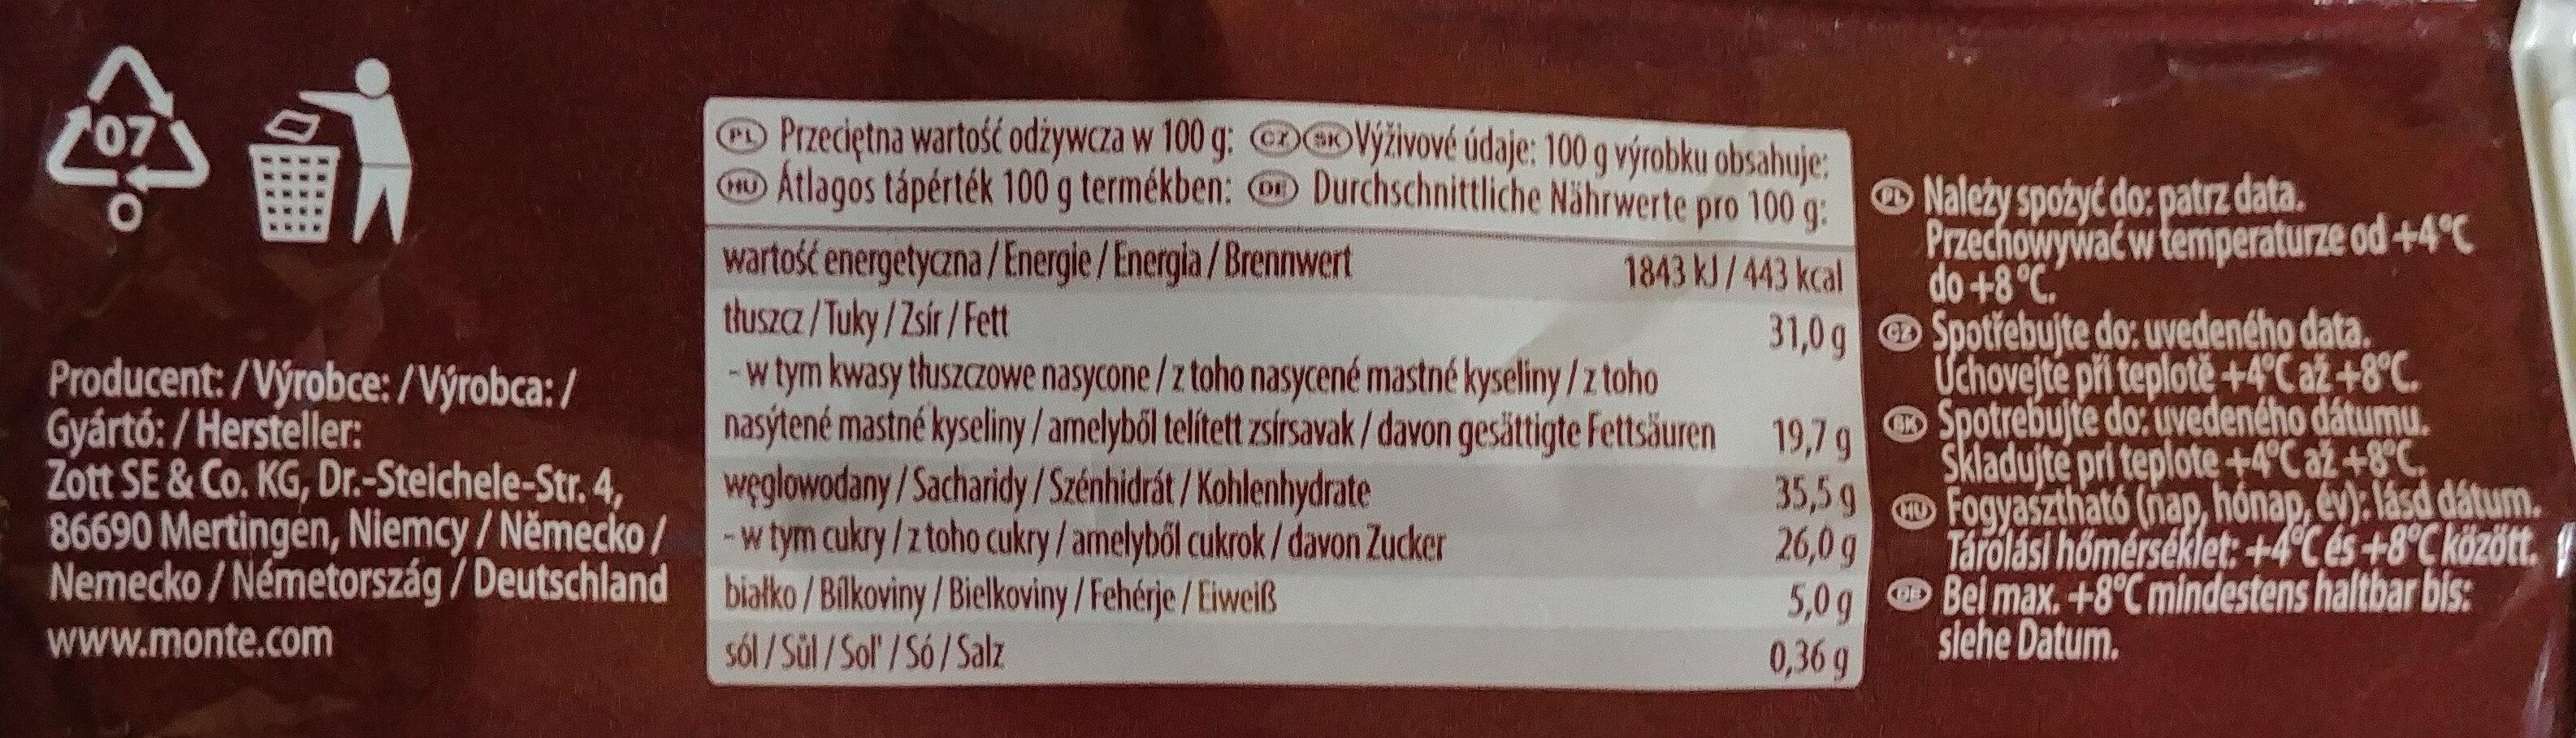 Ciastko z kremem mlecznym i czekoladowo-orzechowym - Wartości odżywcze - pl